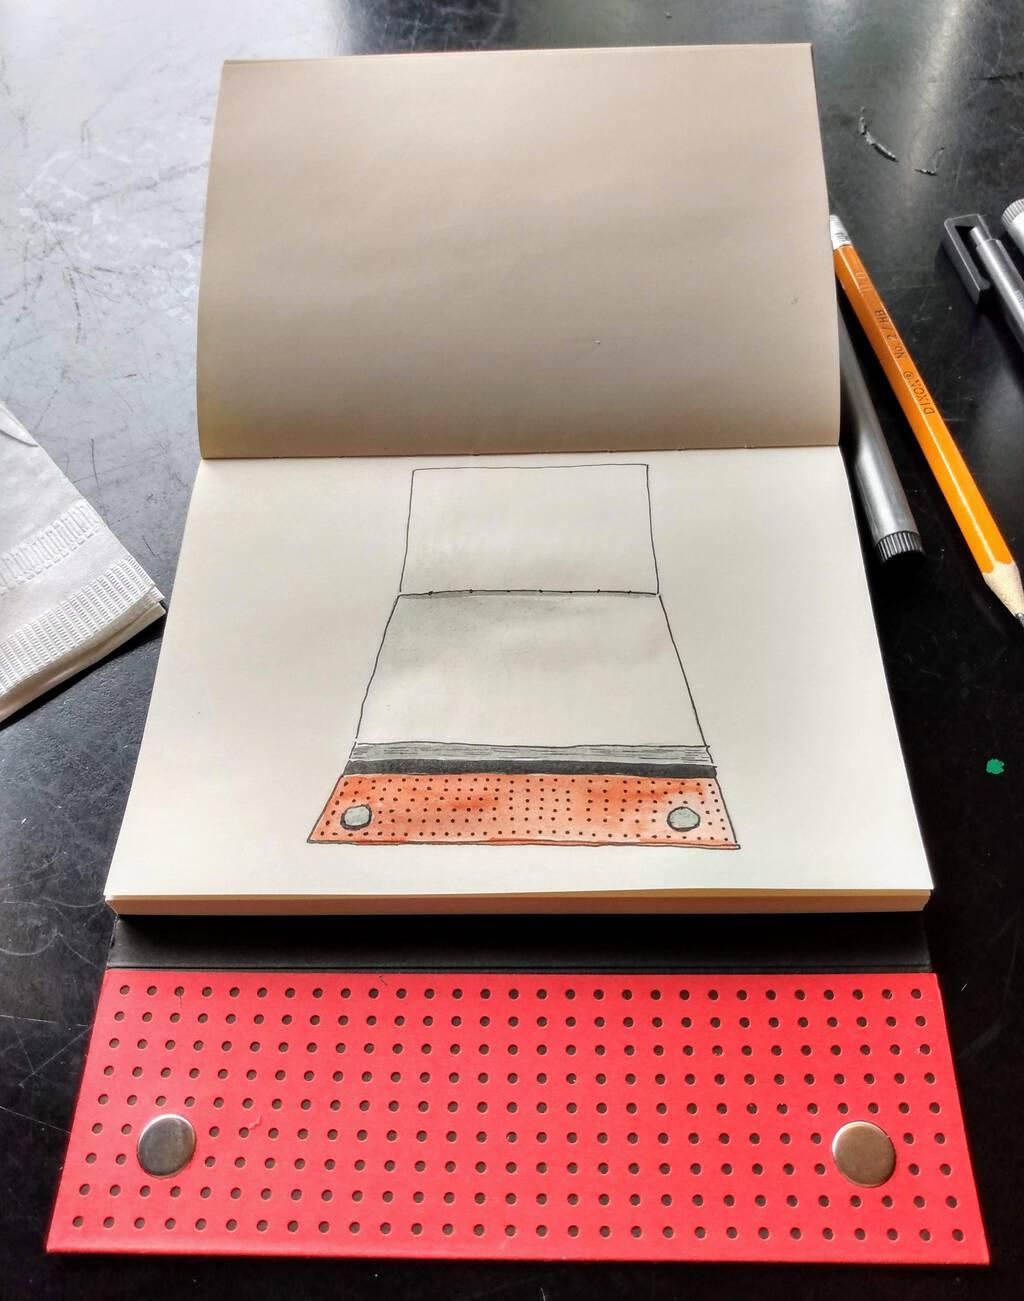 A notebook inside a notebook